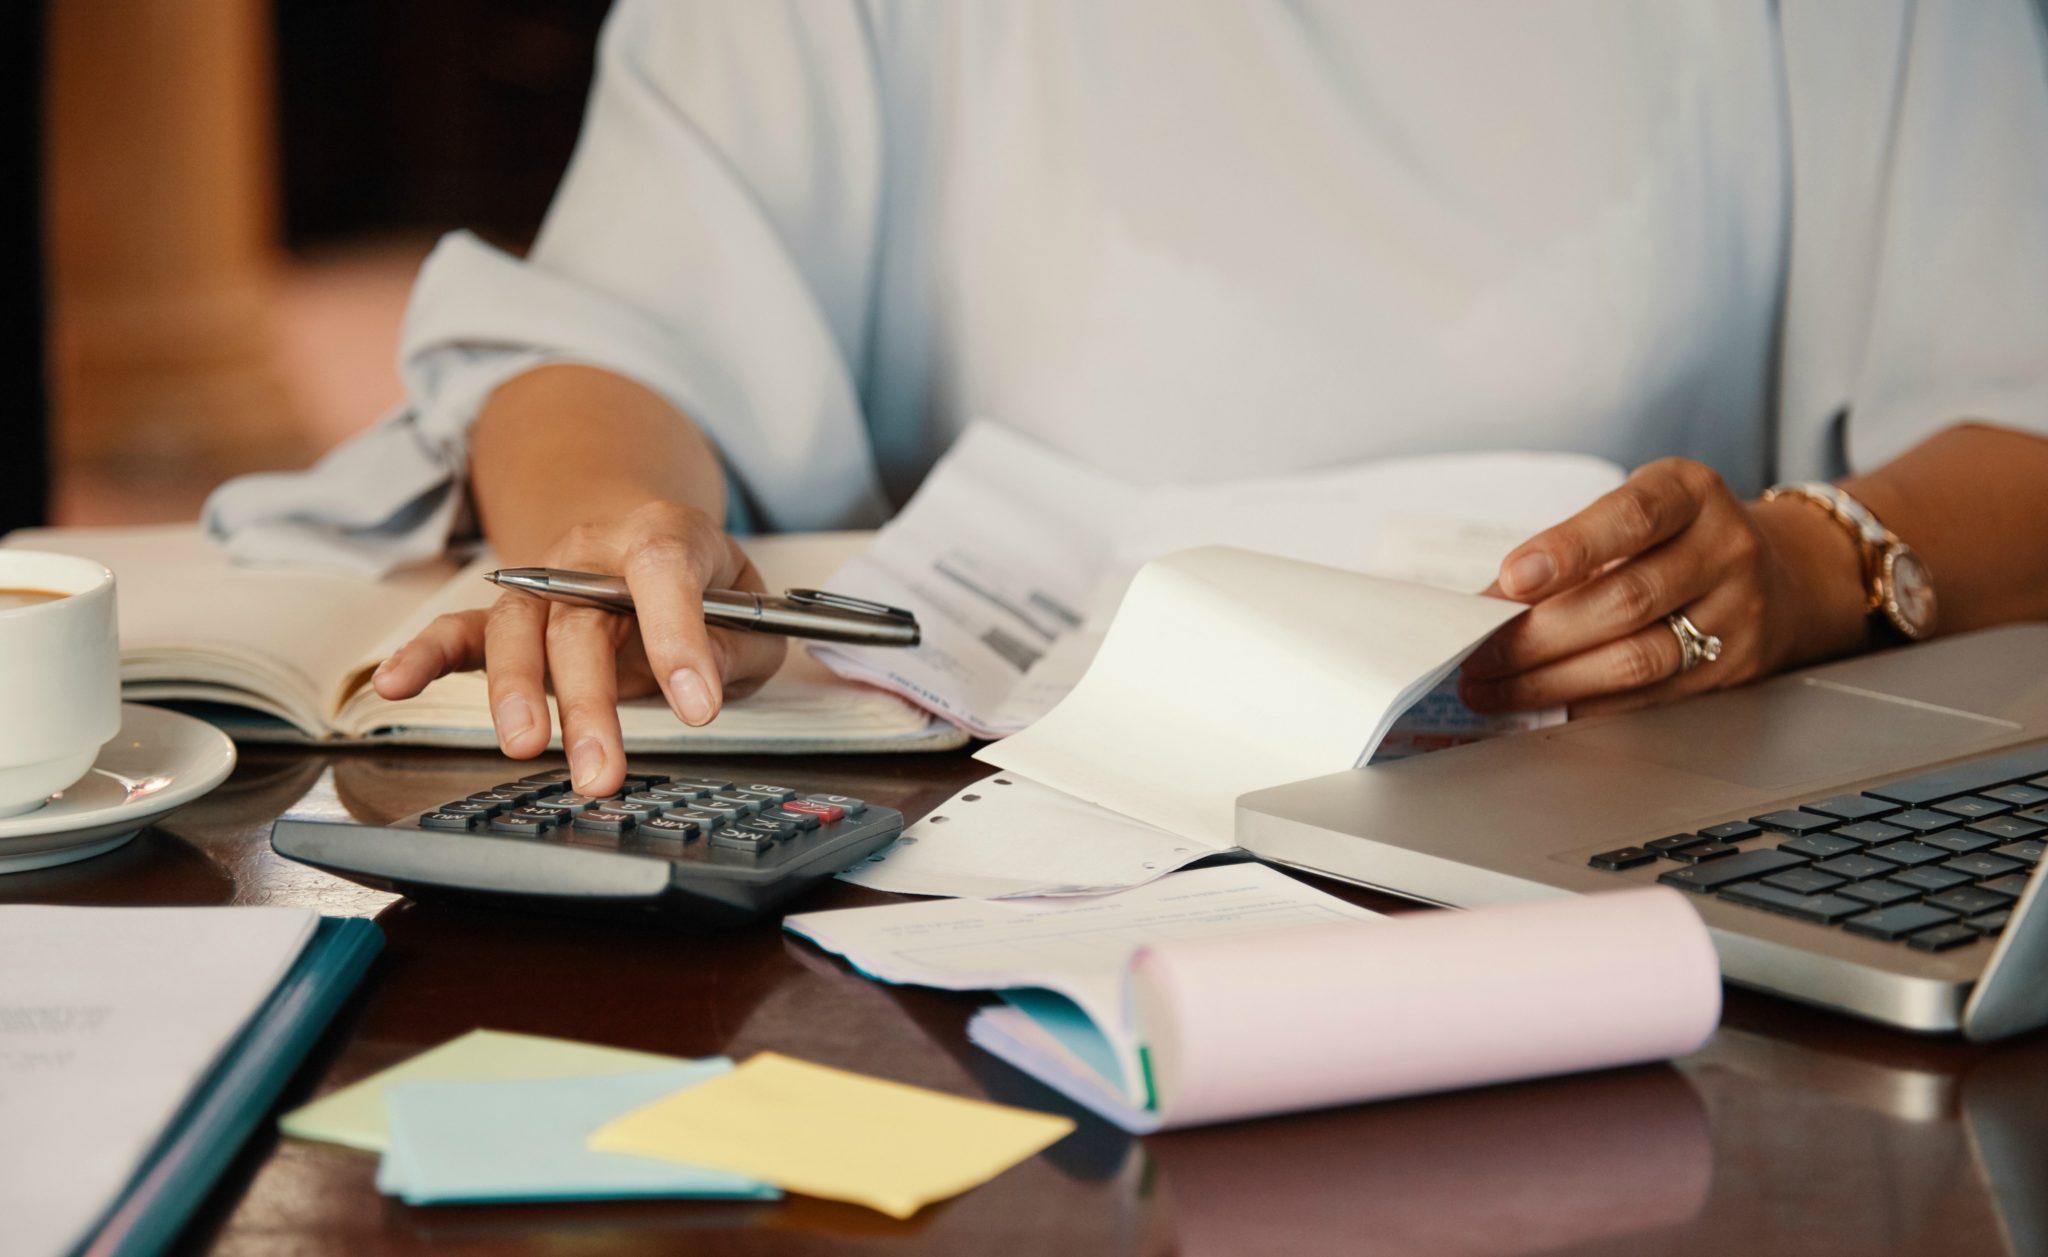 Palestra online sobre redução de impostos